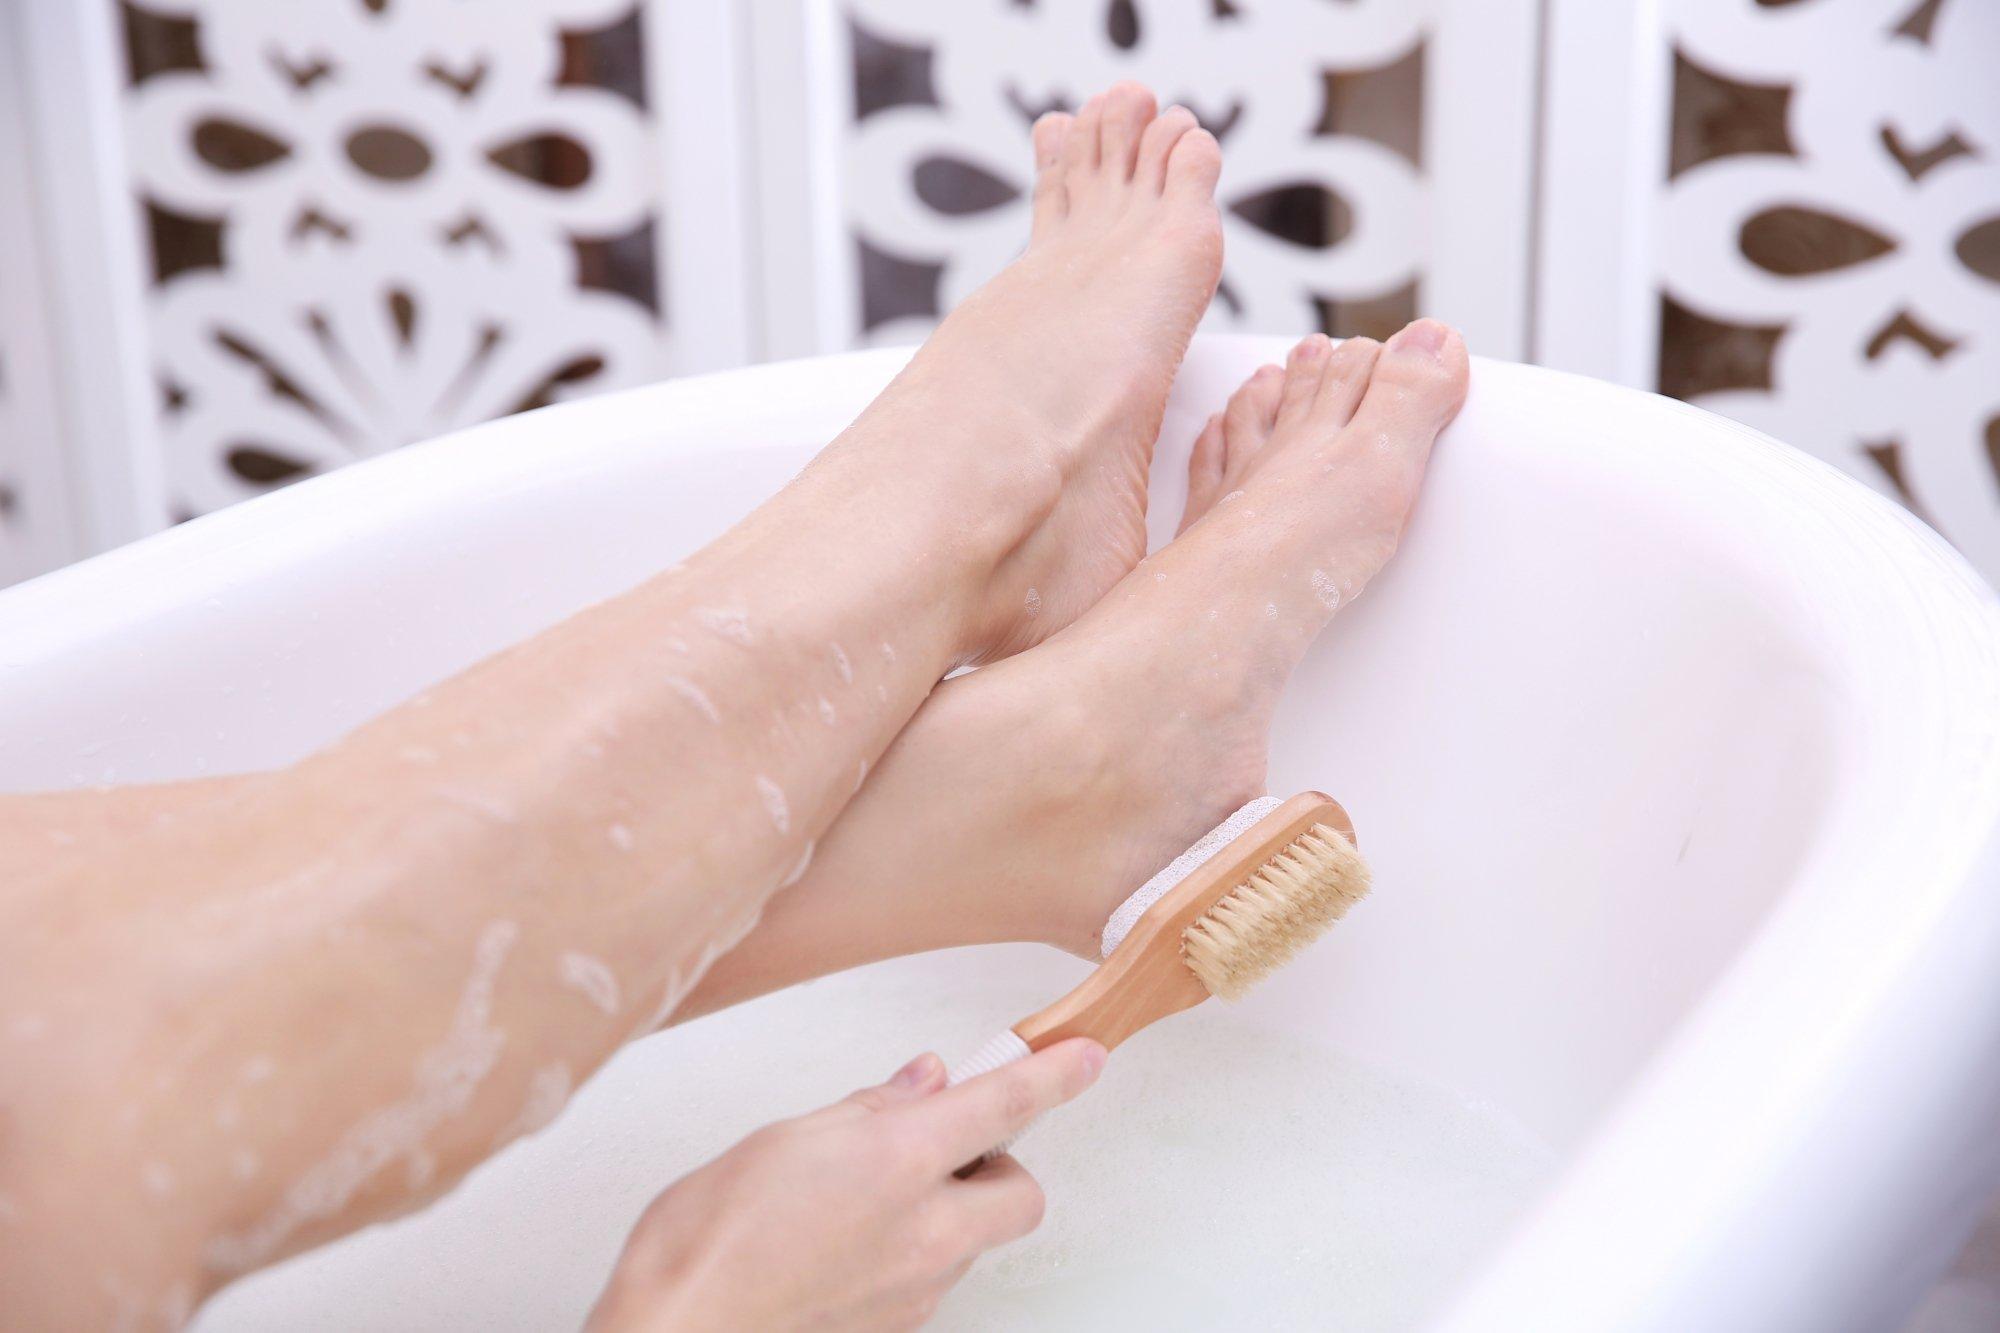 Savon Sans Odeur Pour La Chasse 5 solutions naturelles pour bannir les odeurs de pieds